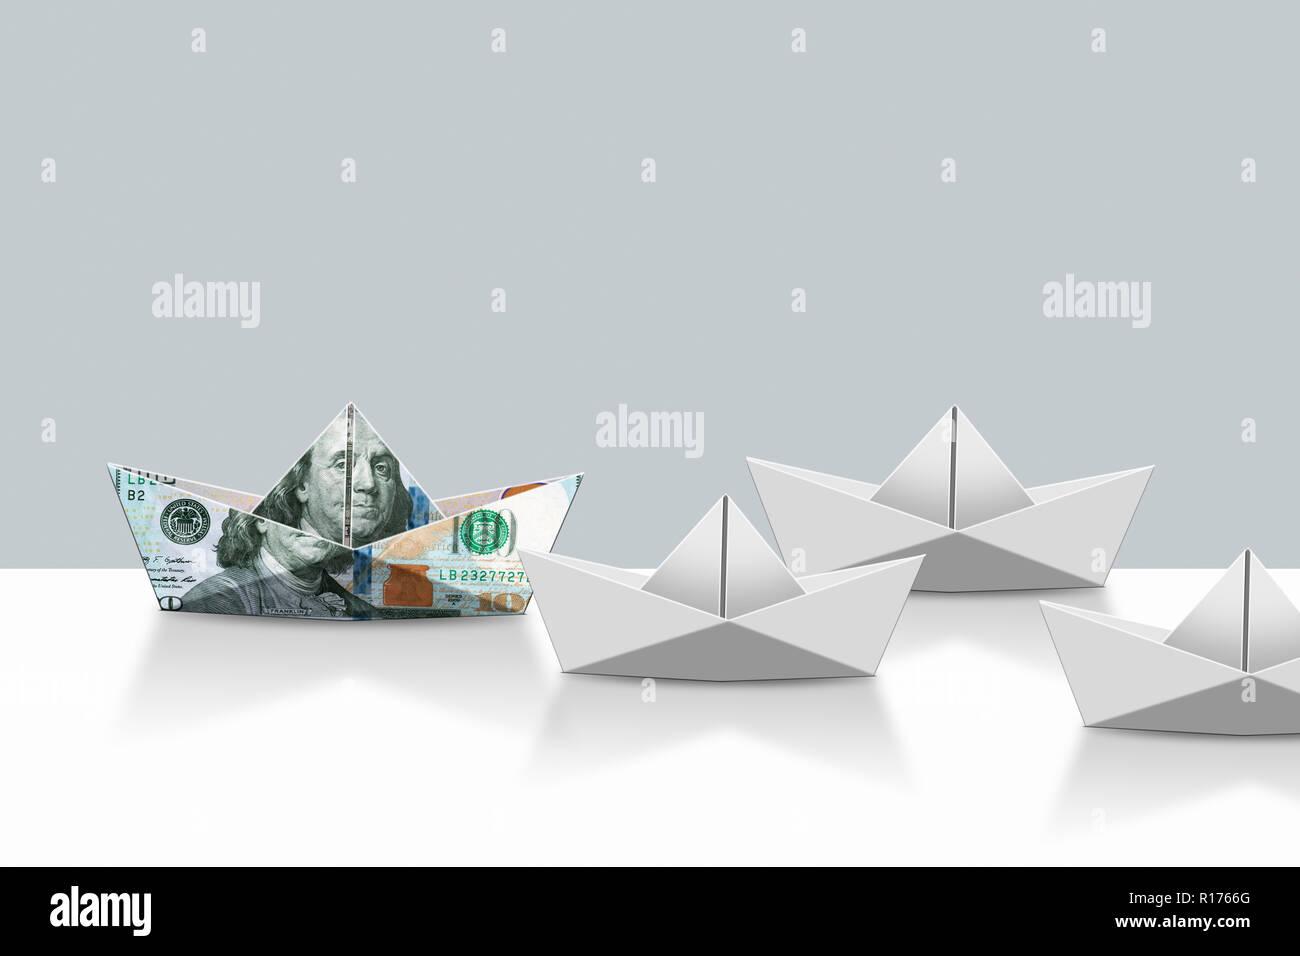 US Dollar Note und normales Papier origami Boote, grauer Hintergrund Stockbild